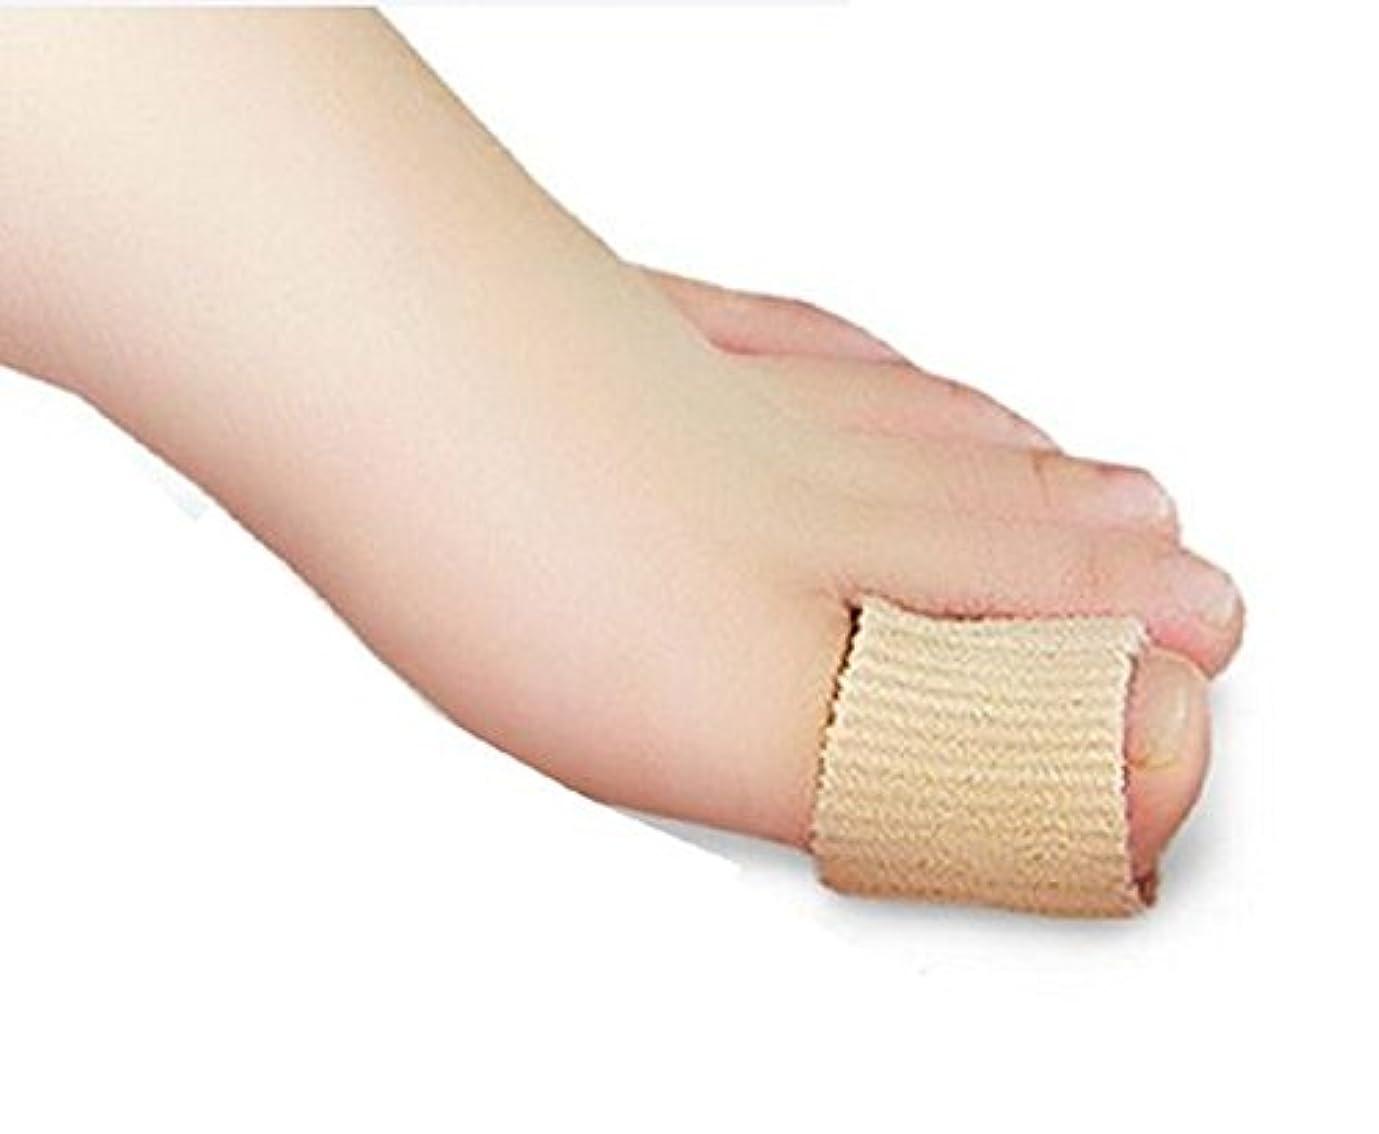 帳面時々時々退却I BECOME FREE 足指保護パッド 手の指 突き指 足まめ マメ 水虫 腫れ 内部のジェルで優しく包みます